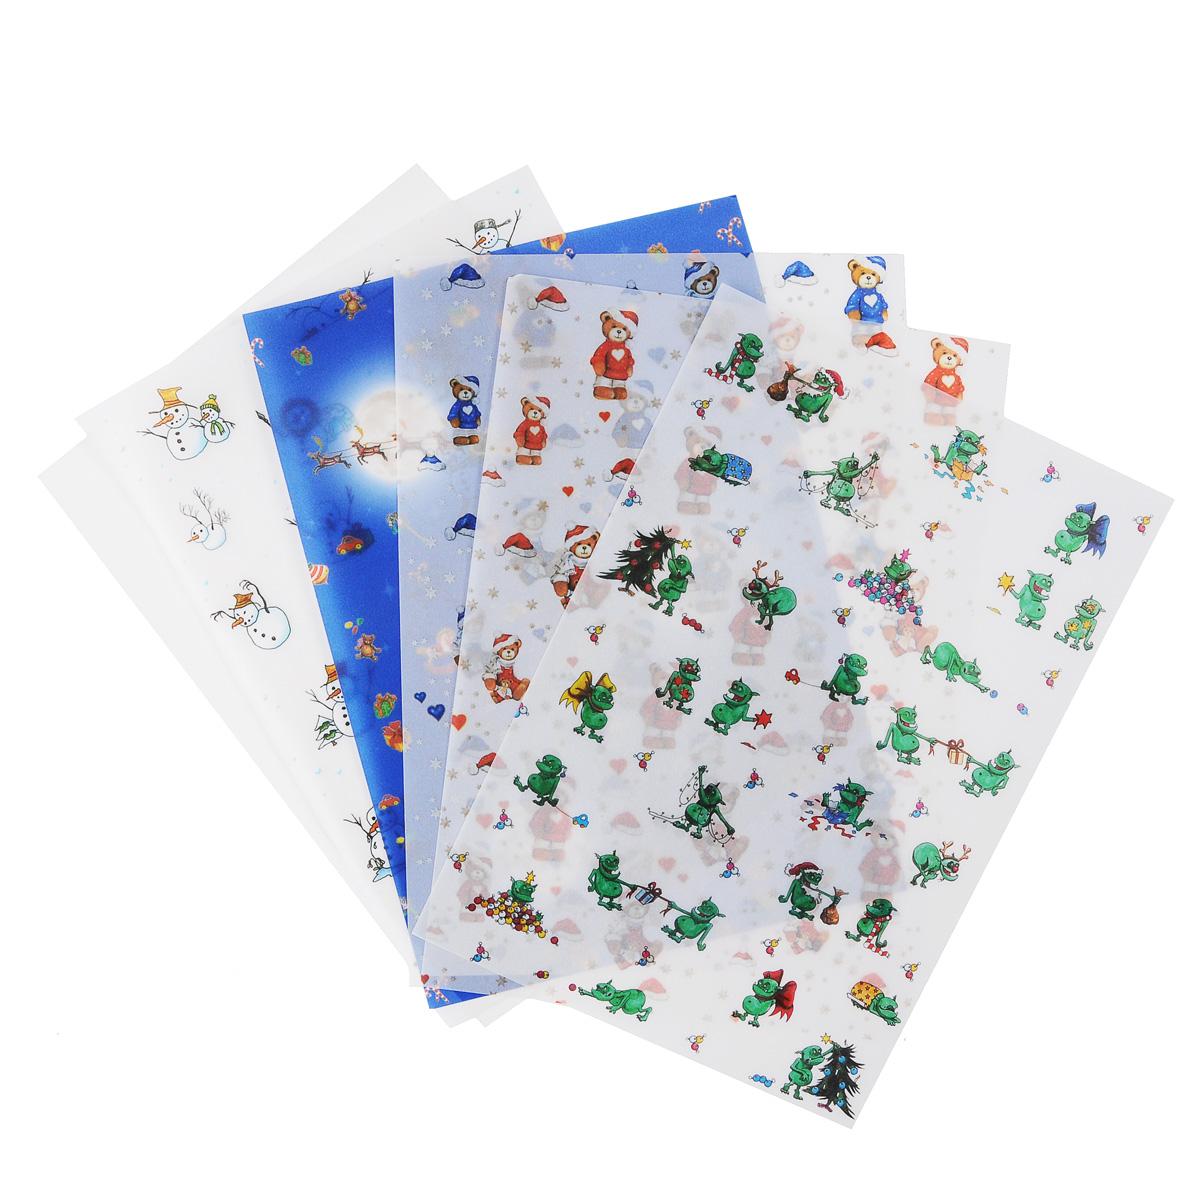 Транспарентная бумага Folia Рождество, 23 x 33 см, 5 листов7708120Транспарентная бумага Folia Рождество - полупрозрачная бумага с различными рождественскими изображениями. Используется для изготовления открыток, для скрапбукинга и других декоративных или дизайнерских работ. Бумага прекрасно держит форму, не пачкает руки, отлично крепится. Конструирование из транспарентной бумаги - необходимый для развития детей процесс. Во время занятия аппликацией ребенок сумеет разработать четкость движений, ловкость пальцев, аккуратность и внимательность. Кроме того, транспарентная бумага позволит разнообразить идеи ребенка при создании творческих работ.